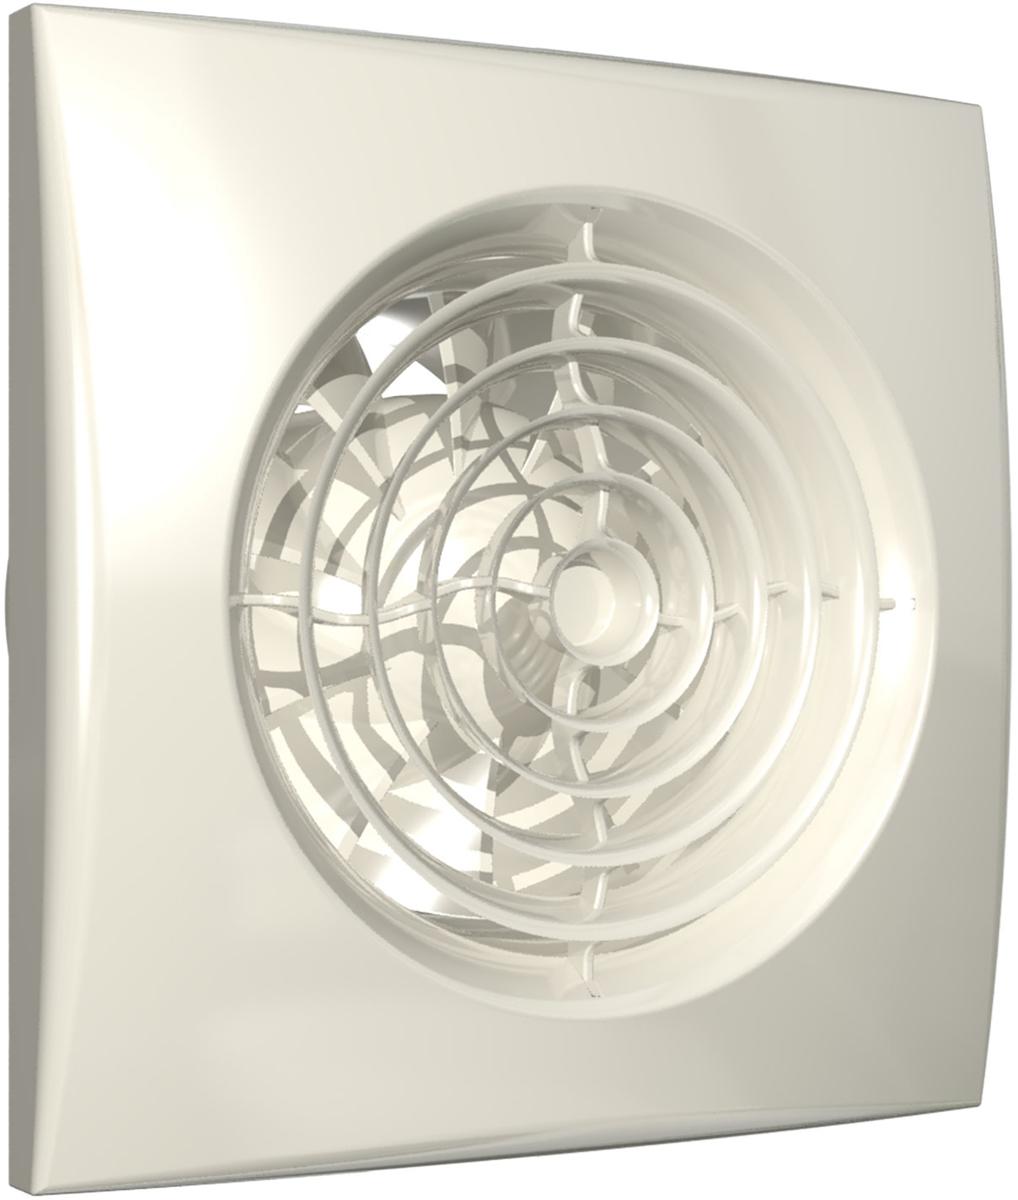 DiCiTi Aura 5 Ivory вентилятор осевой вытяжнойAURA 5 IvoryМалошумный осевой вытяжной декоративный вентилятор DiCiTi Aura 5 Ivory с низким энергопотреблением идиаметром фланца 125 мм. Станет как оригинальным дополнением, так и ярким акцентом в интерьере любыхкомнат и помещений.Используется для постоянной или периодической вытяжной вентиляции санузлов, душевых, кухонь и другихбытовых помещений. Монтаж осуществляется в вентиляционные шахты или соединения с воздуховодами.Корпус и крыльчатка выполнены из высококачественного и прочного ABS-пластика, стойкого к ультрафиолету.Конструкция крыльчатки позволяет повысить эффективность вентилятора и срок службы двигателя.Установлен двигатель на шарикоподшипниках с увеличенным сроком службы (до 40 000 рабочих часов) и низкимэнергопотреблением. Оснащен защитой от перегрева.